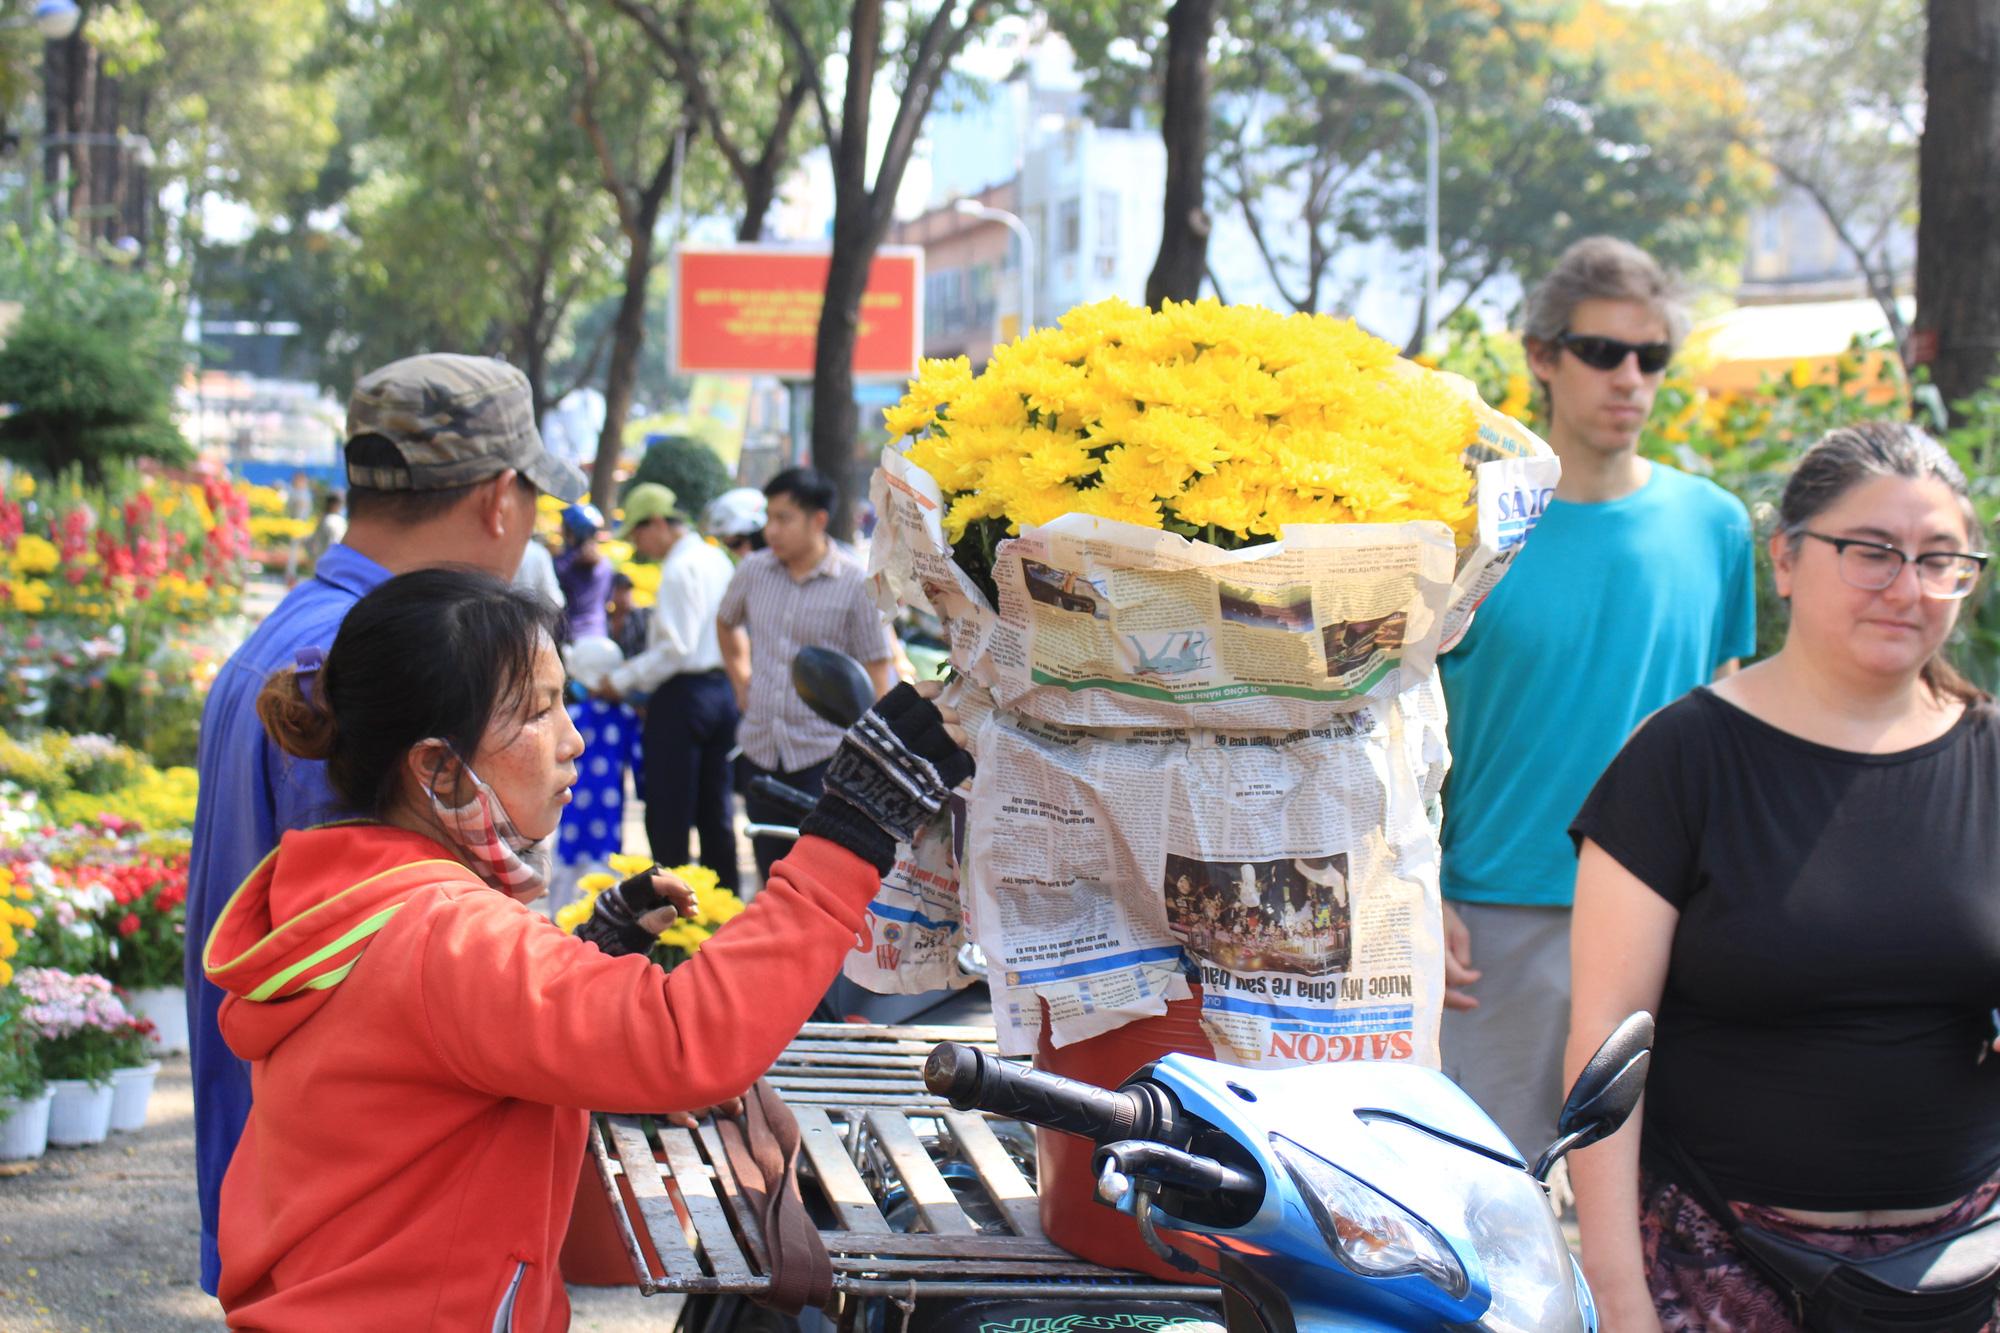 28 Tết, đào Nhật Tân tại chợ hoa Sài Gòn bắt đầu giảm giá, thuận mua vừa bán nên hút khách - Ảnh 13.